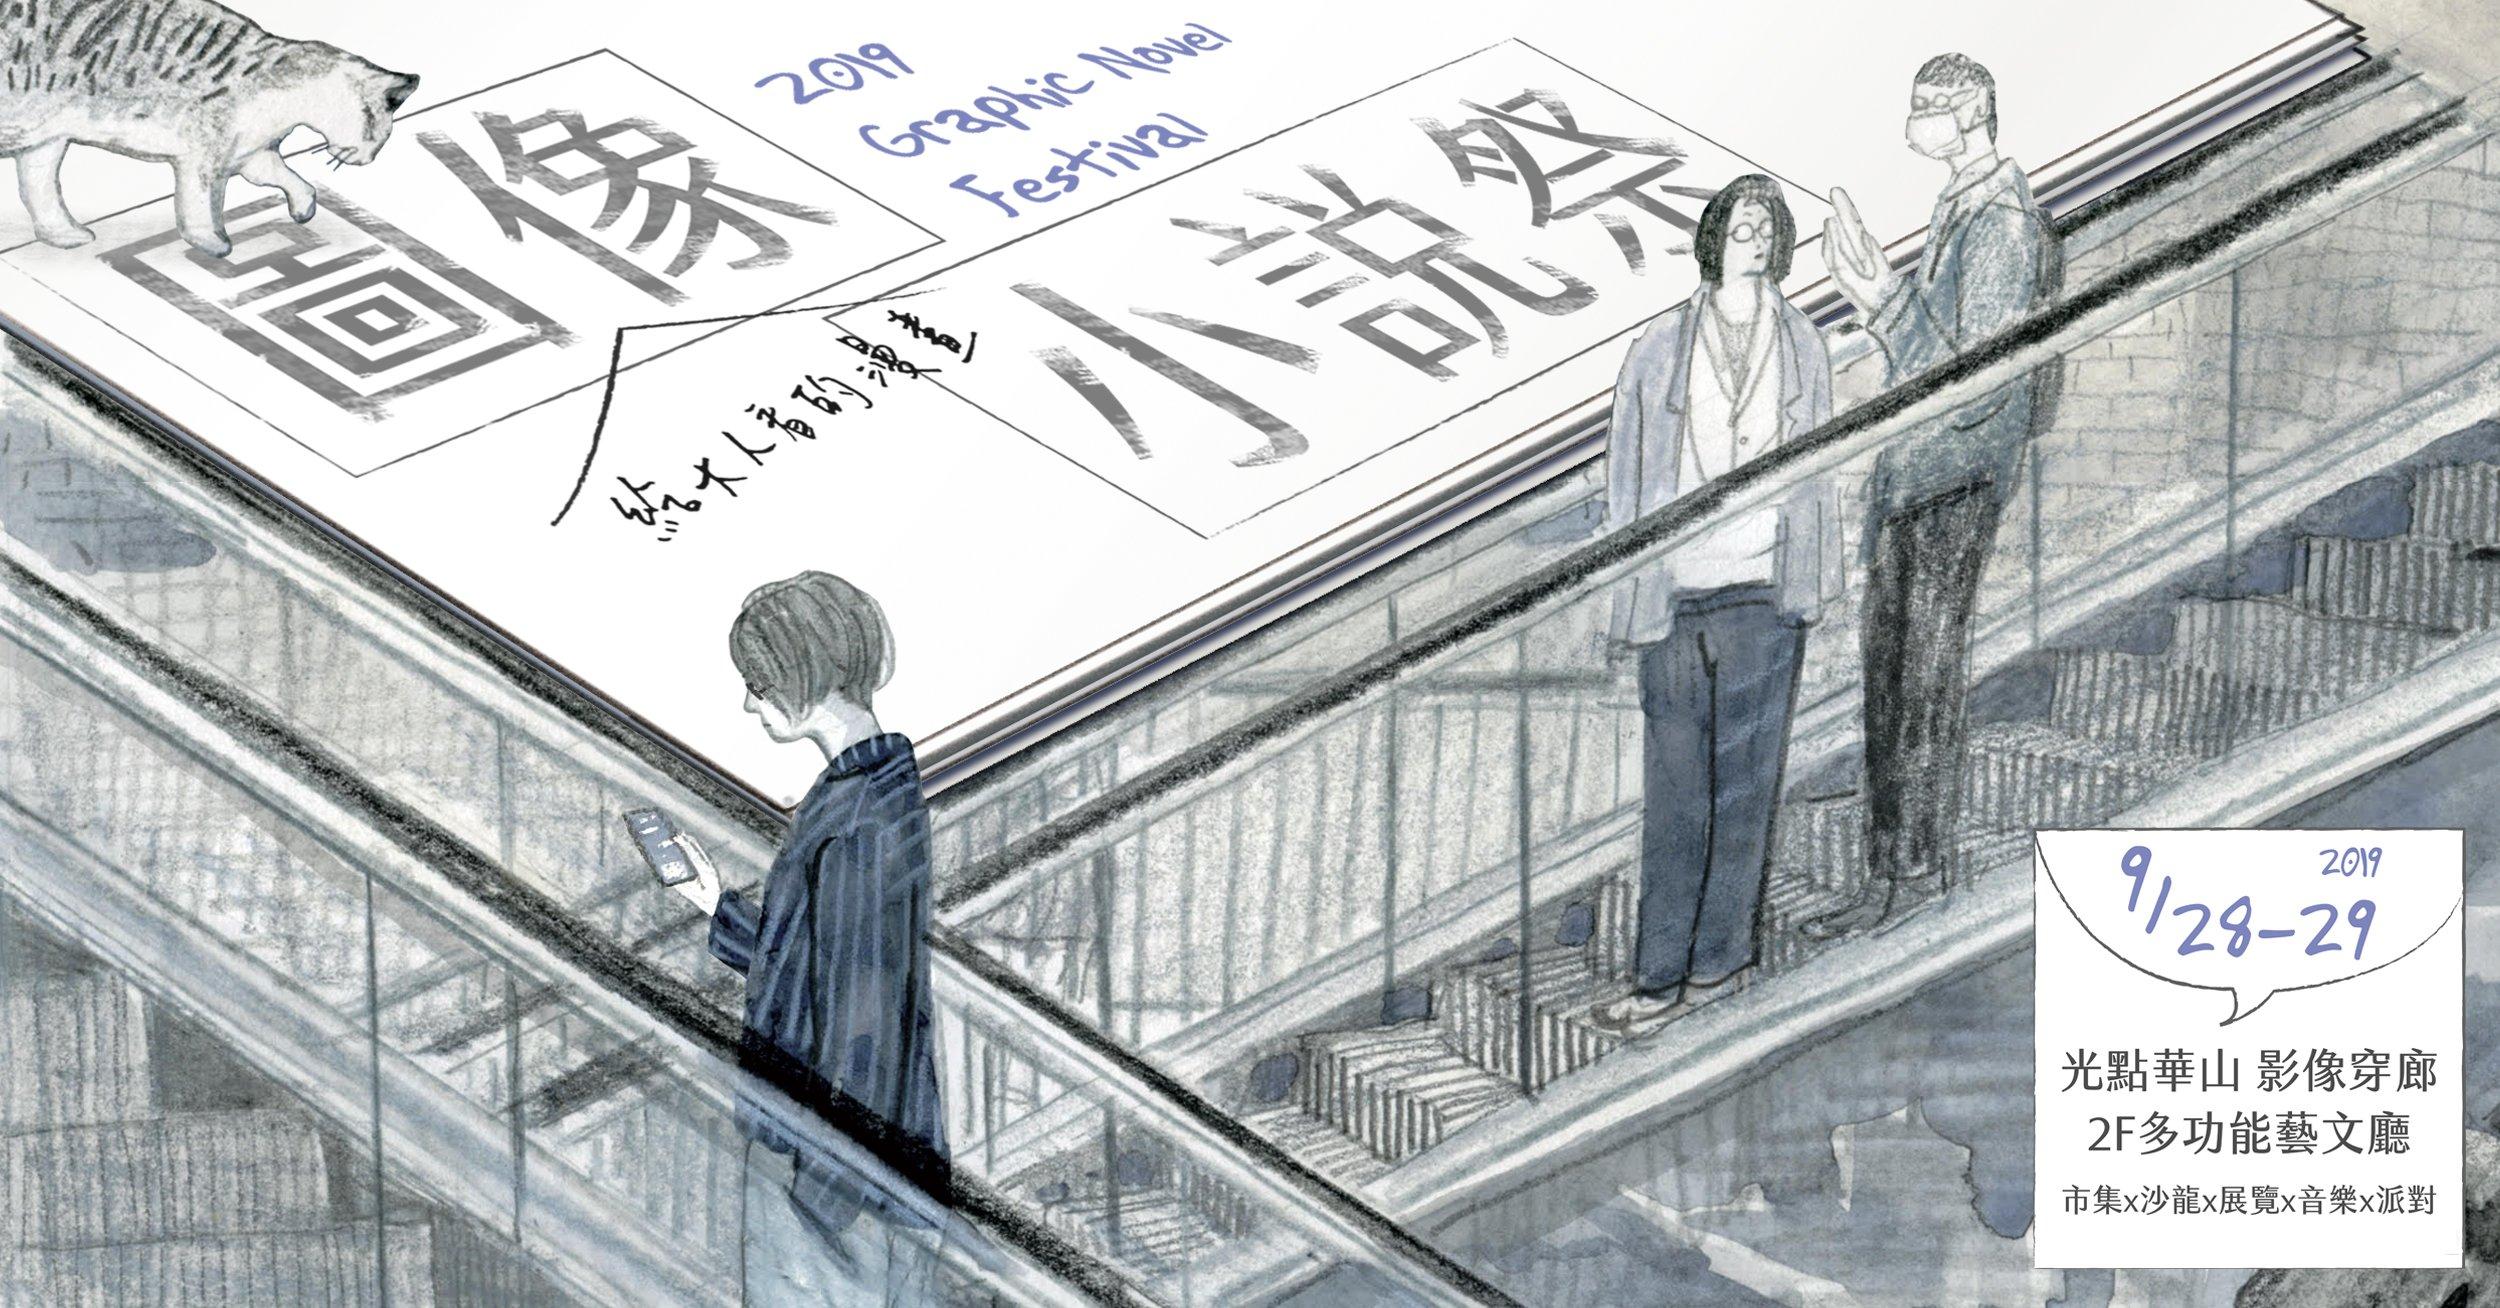 2019圖像小說祭—給大人看的漫畫線上漫畫接龍今天開跑!下一位漫畫家請準備!